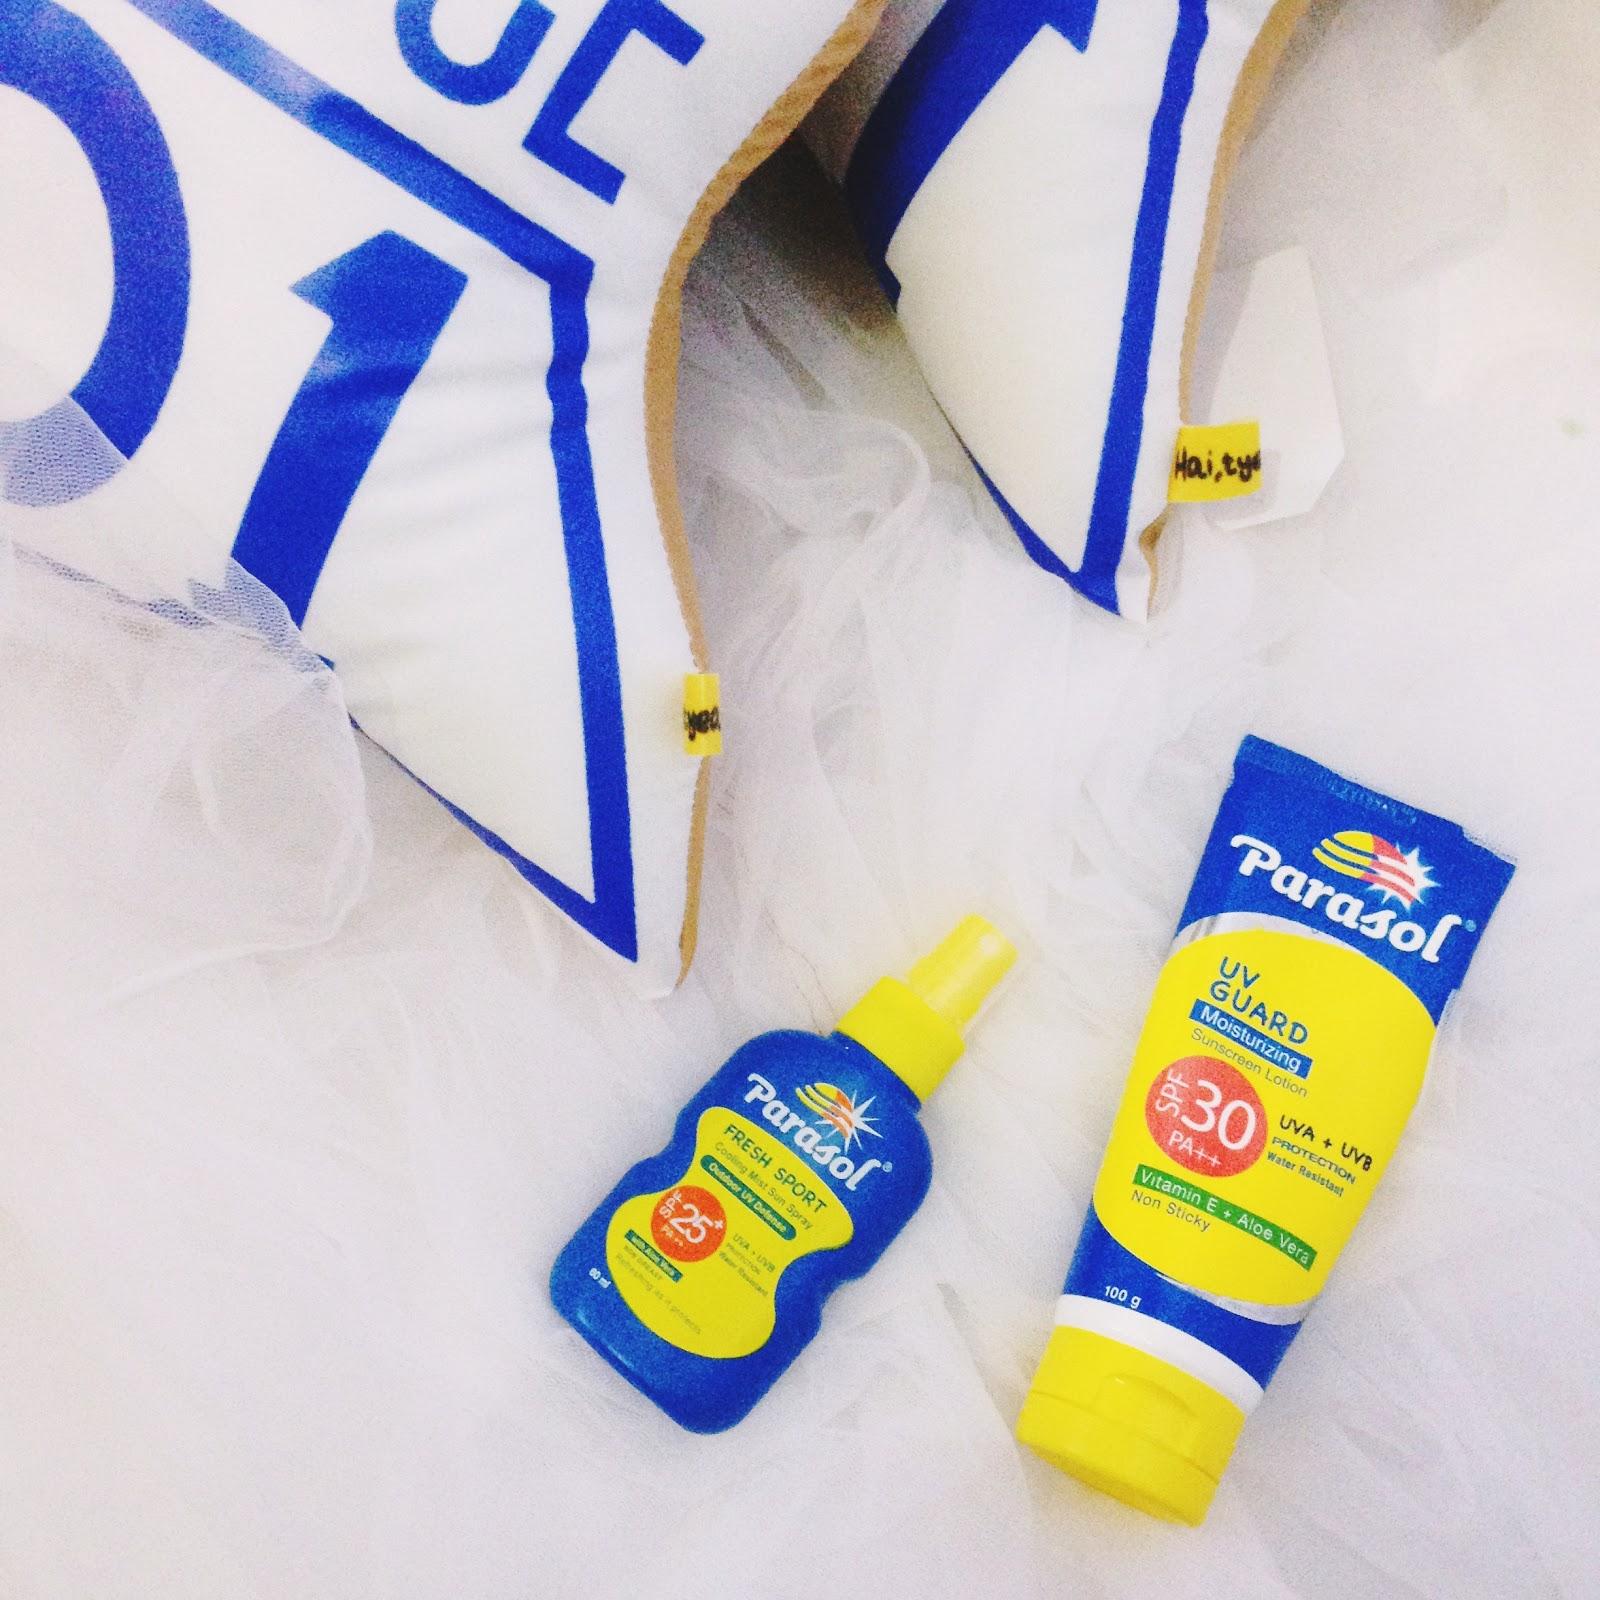 Review Parasol Suncreen Lotion Sun Spray Tyeaan Aku Biasanya Pakai Base Makeup Dari Dan Foundation Campur Sedikit Agar Lebih Maximal Meskipun Di Pelembab